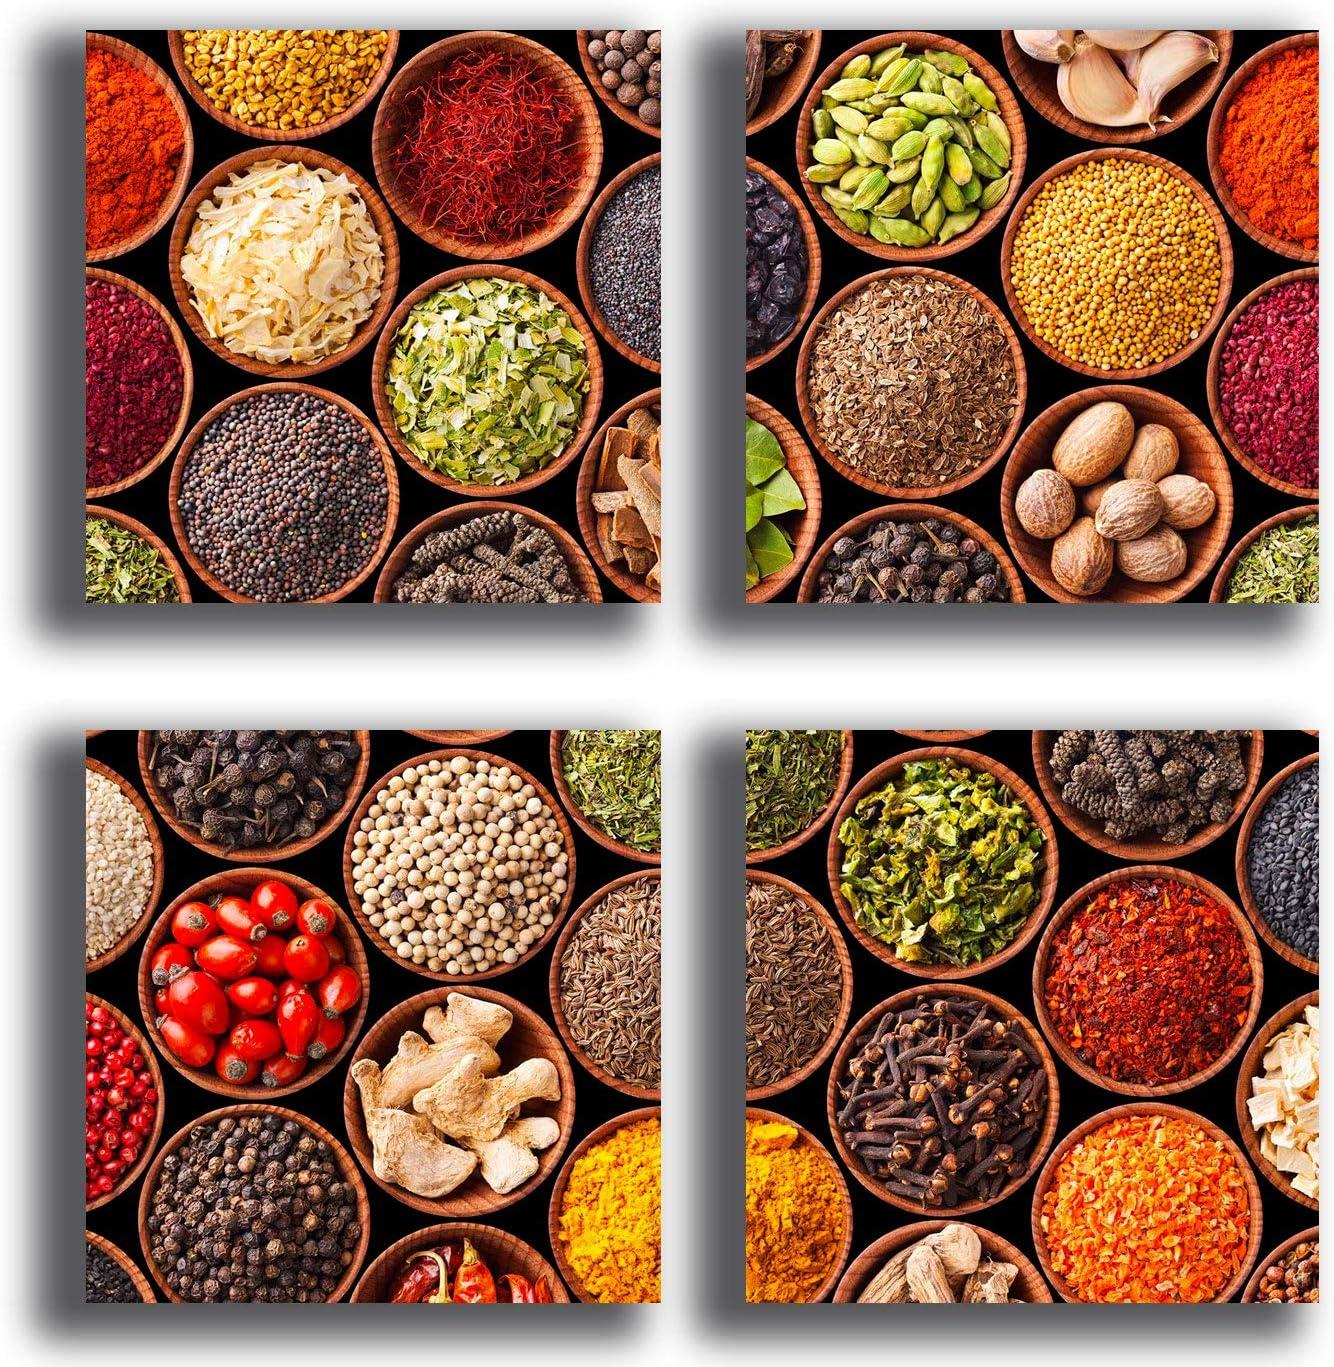 murando Quadro Kitchen 40x40 cm Stampa su Tela in TNT XXL Immagini Moderni Murale Fotografia Grafica Decorazione da Parete 4 Parti peperone Chilli Cucina Cucchiaio j-B-0039-b-i